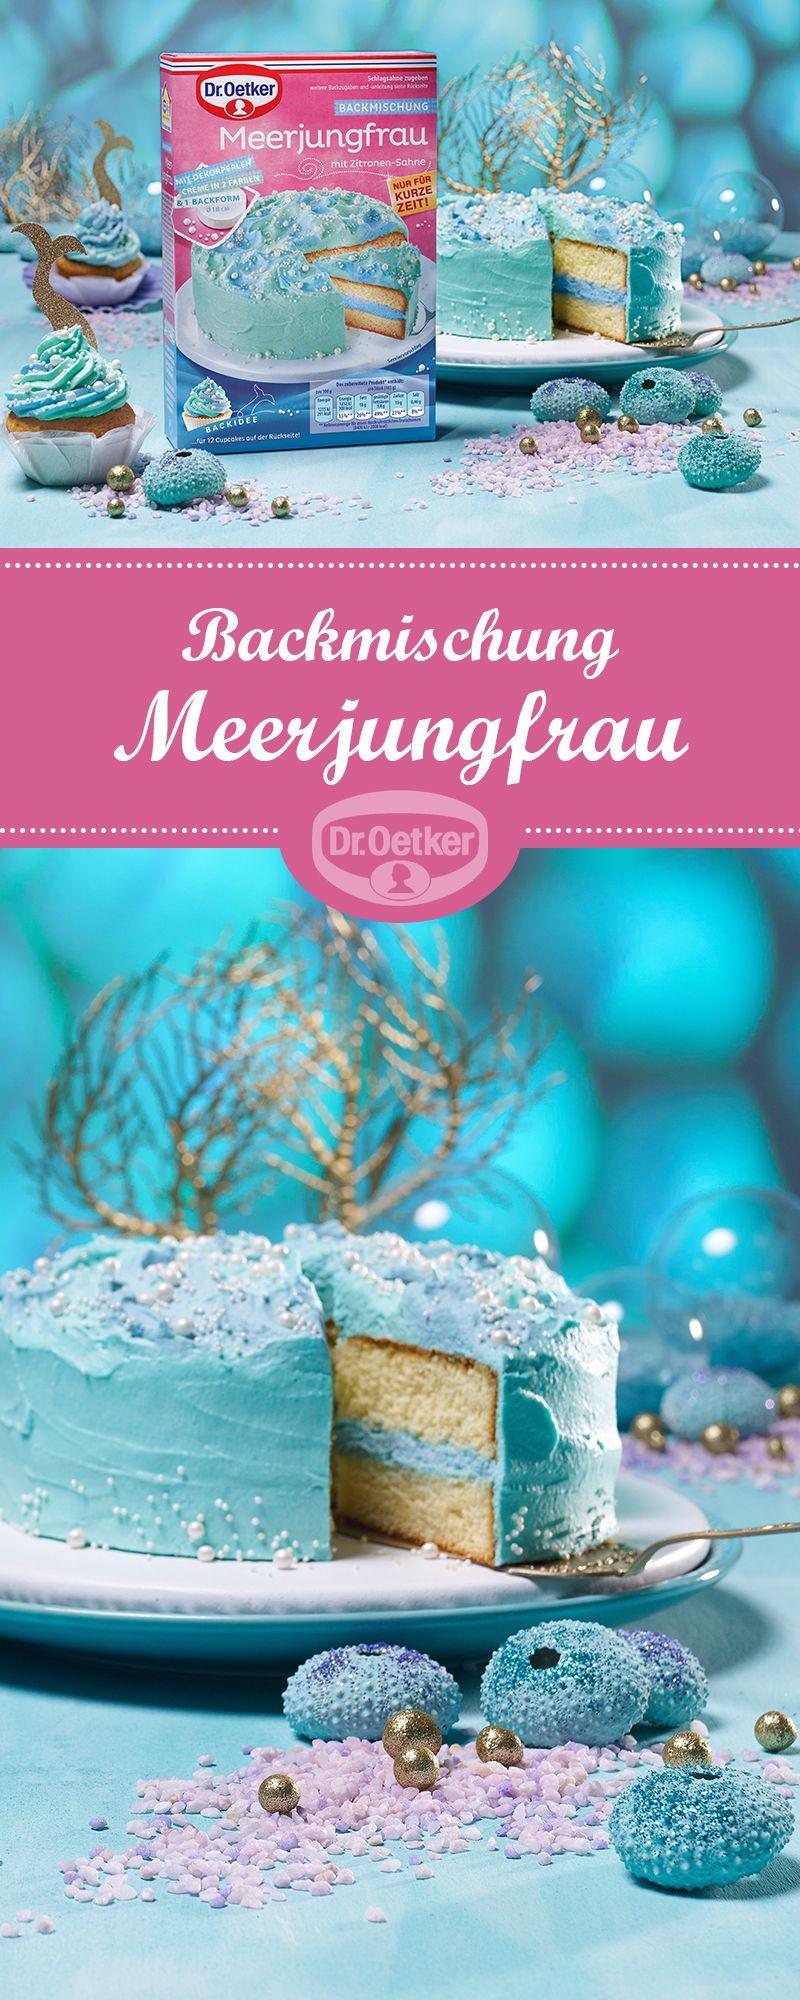 Dr. Oetker Backmischung Meerjungfrau #Meerjungfrau #Kuchen ...